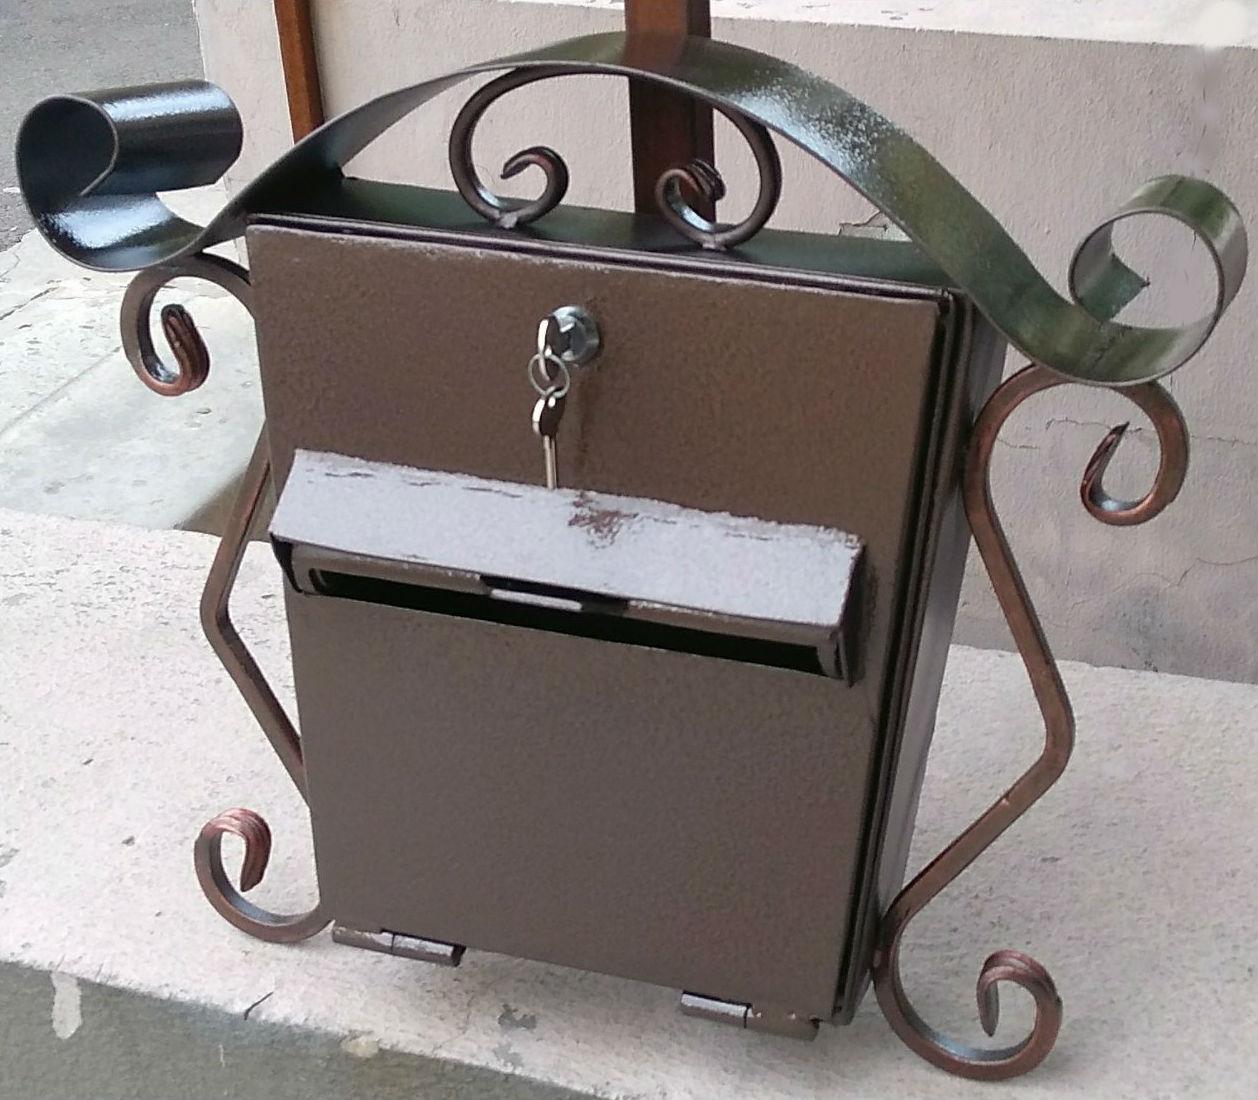 почтовые ящики из металла одесса, кованые почтовые ящики одесса, металлические почтовые ящики одесса, почтовые ящики из металла одесса, кованые почтовые ящики одесса, ящик для почты одесса, почта одесса, почтовые ящики купить одесса, почтовые ящики из металла украина, кованые почтовые ящики украина, ящик для почты украина, почта украина, почтовые ящики купить украина, металлические почтовые ящики украина